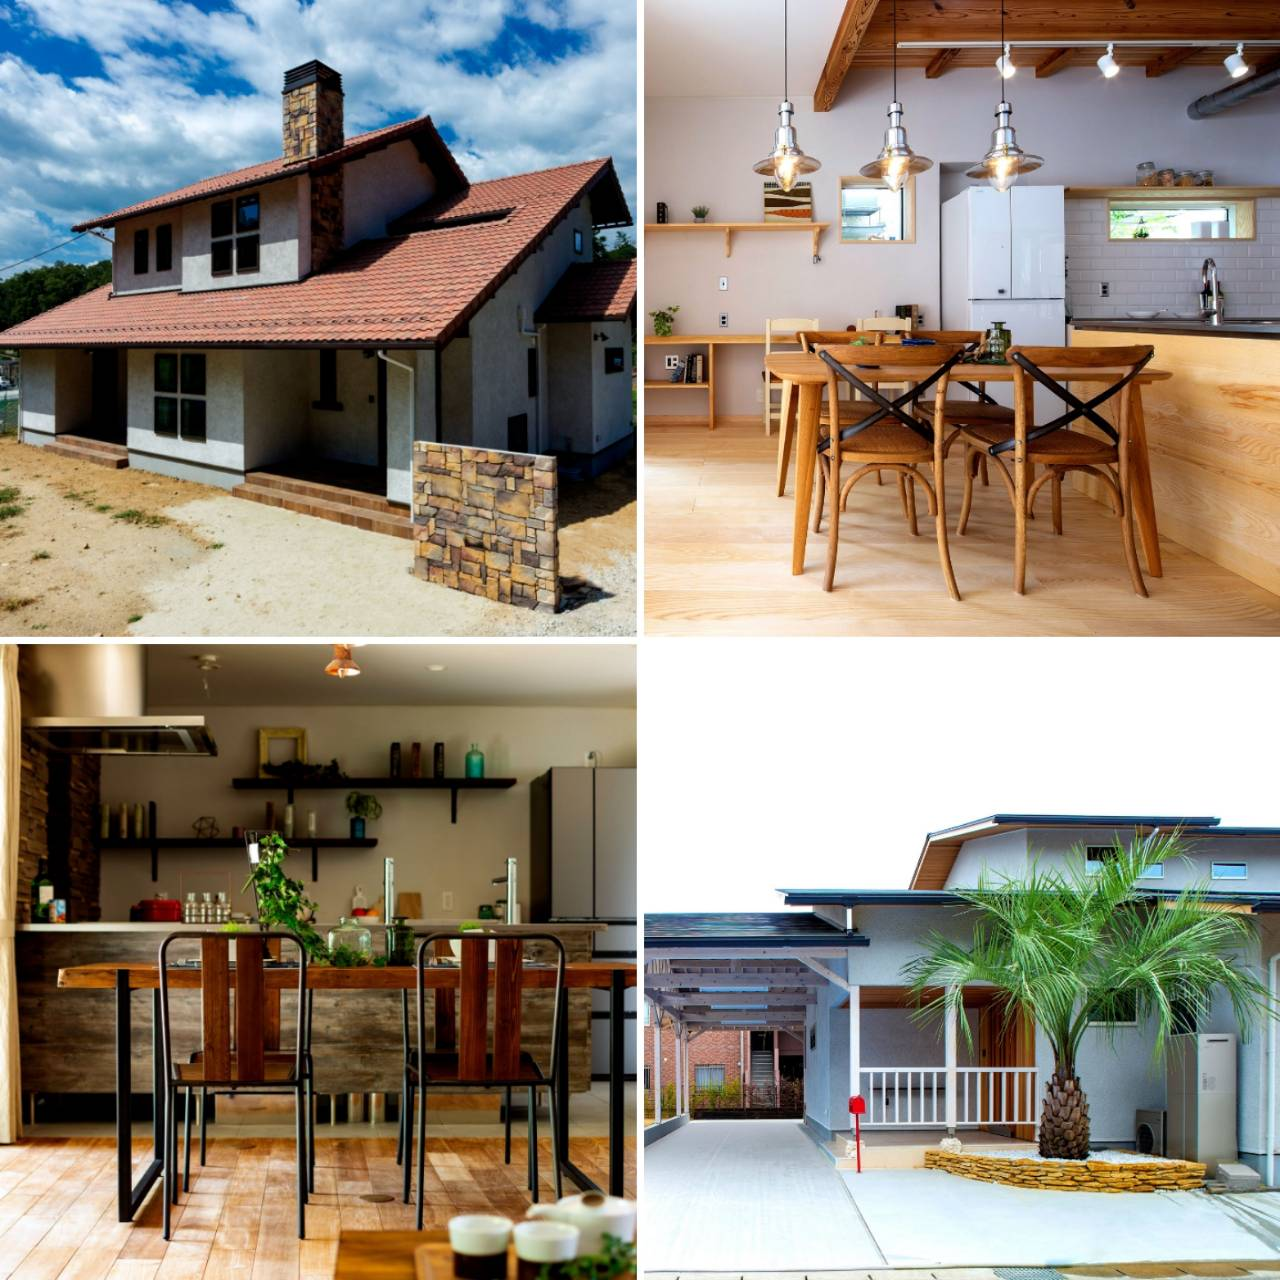 みずしまの家/水嶋建設のイメージ